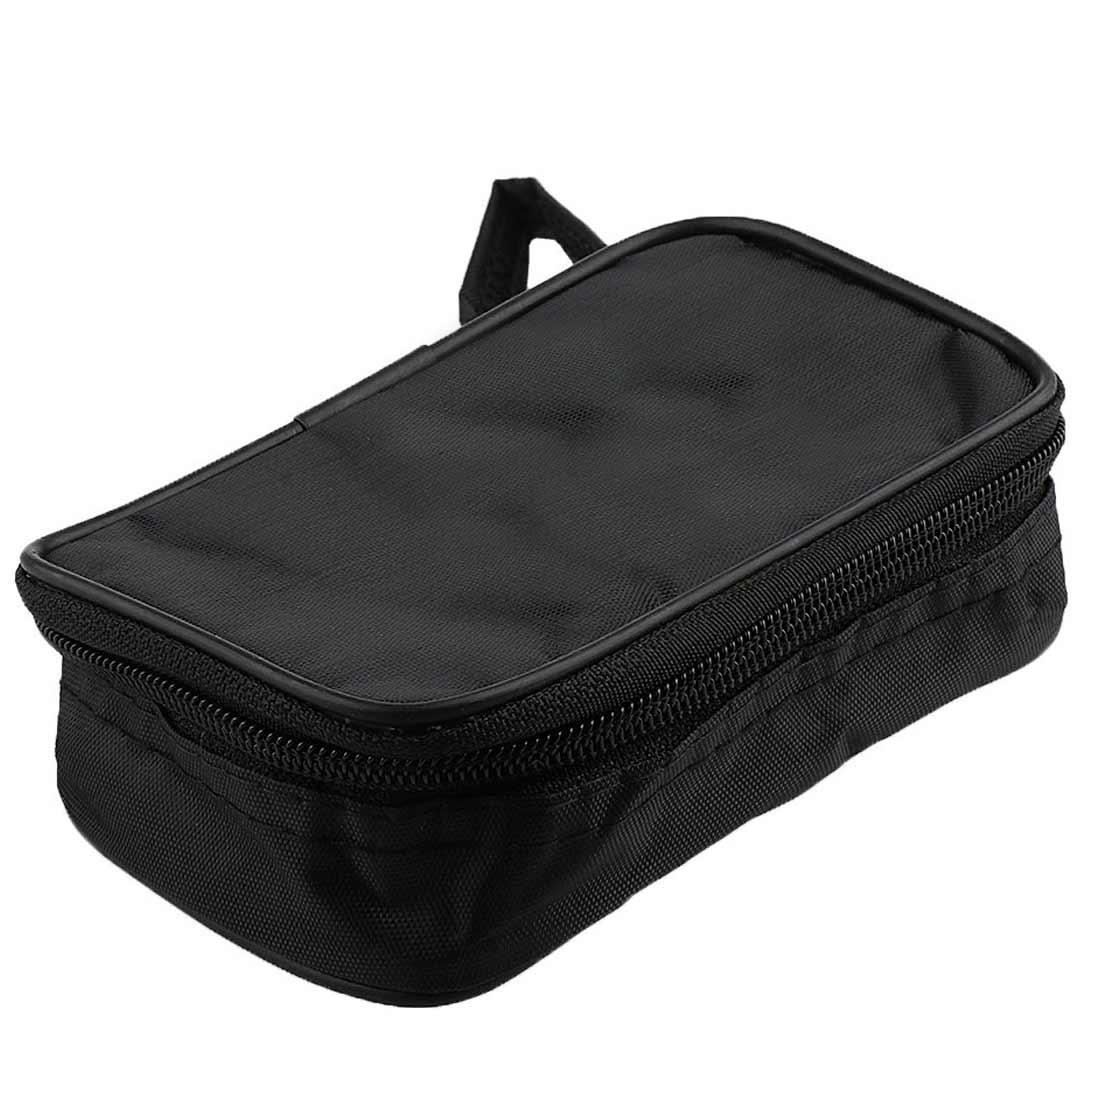 1pcs Multimeter Case Canvas Case Multipurpose Instrument Storage Bag 1pcs Multimeter Case Canvas Case Multipurpose Instrument Storage Bag